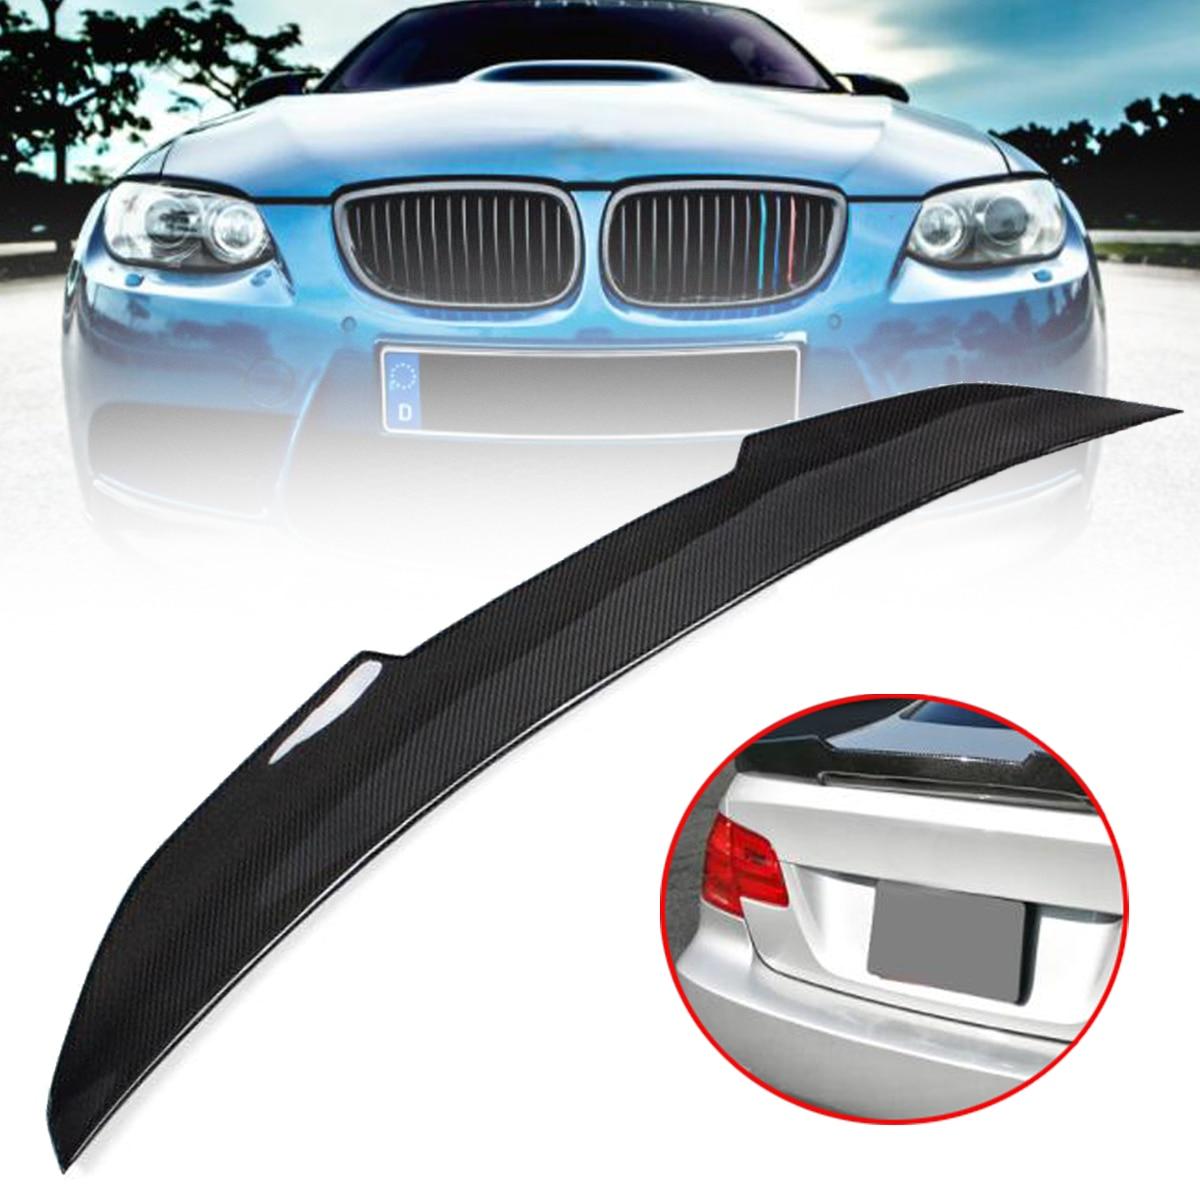 Haute qualité Réel En Fiber De Carbone Tronc Spoiler Aile PSM Style Highkick Pour 07-12 pour BMW E92 335i 328i 3 SÉRIE 2 PORTE COUPÉ